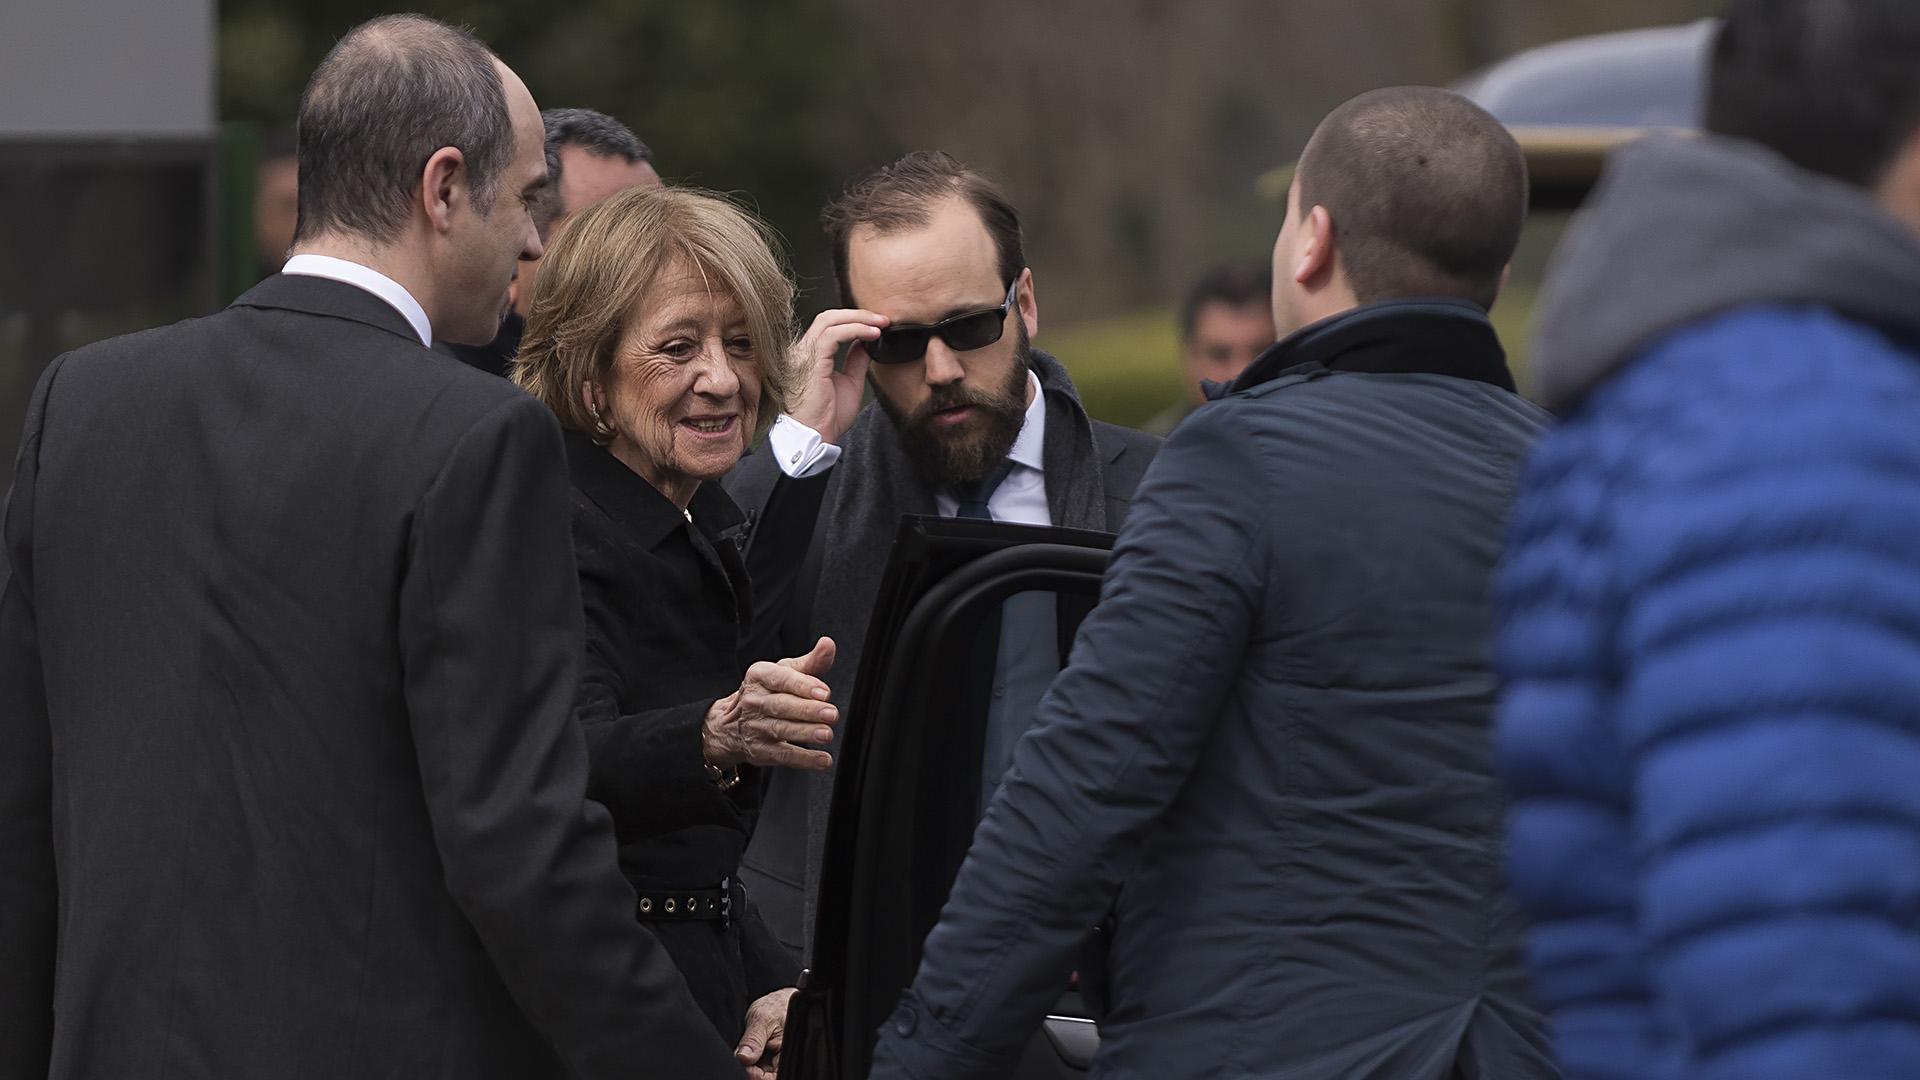 Triste, la viuda María del Carmen Cerruti Carricart recibió el apoyo de sus cinco hijos y en especial de la reina Máxima y sus hermanos Martín y Juan. (Adrián Escándar)